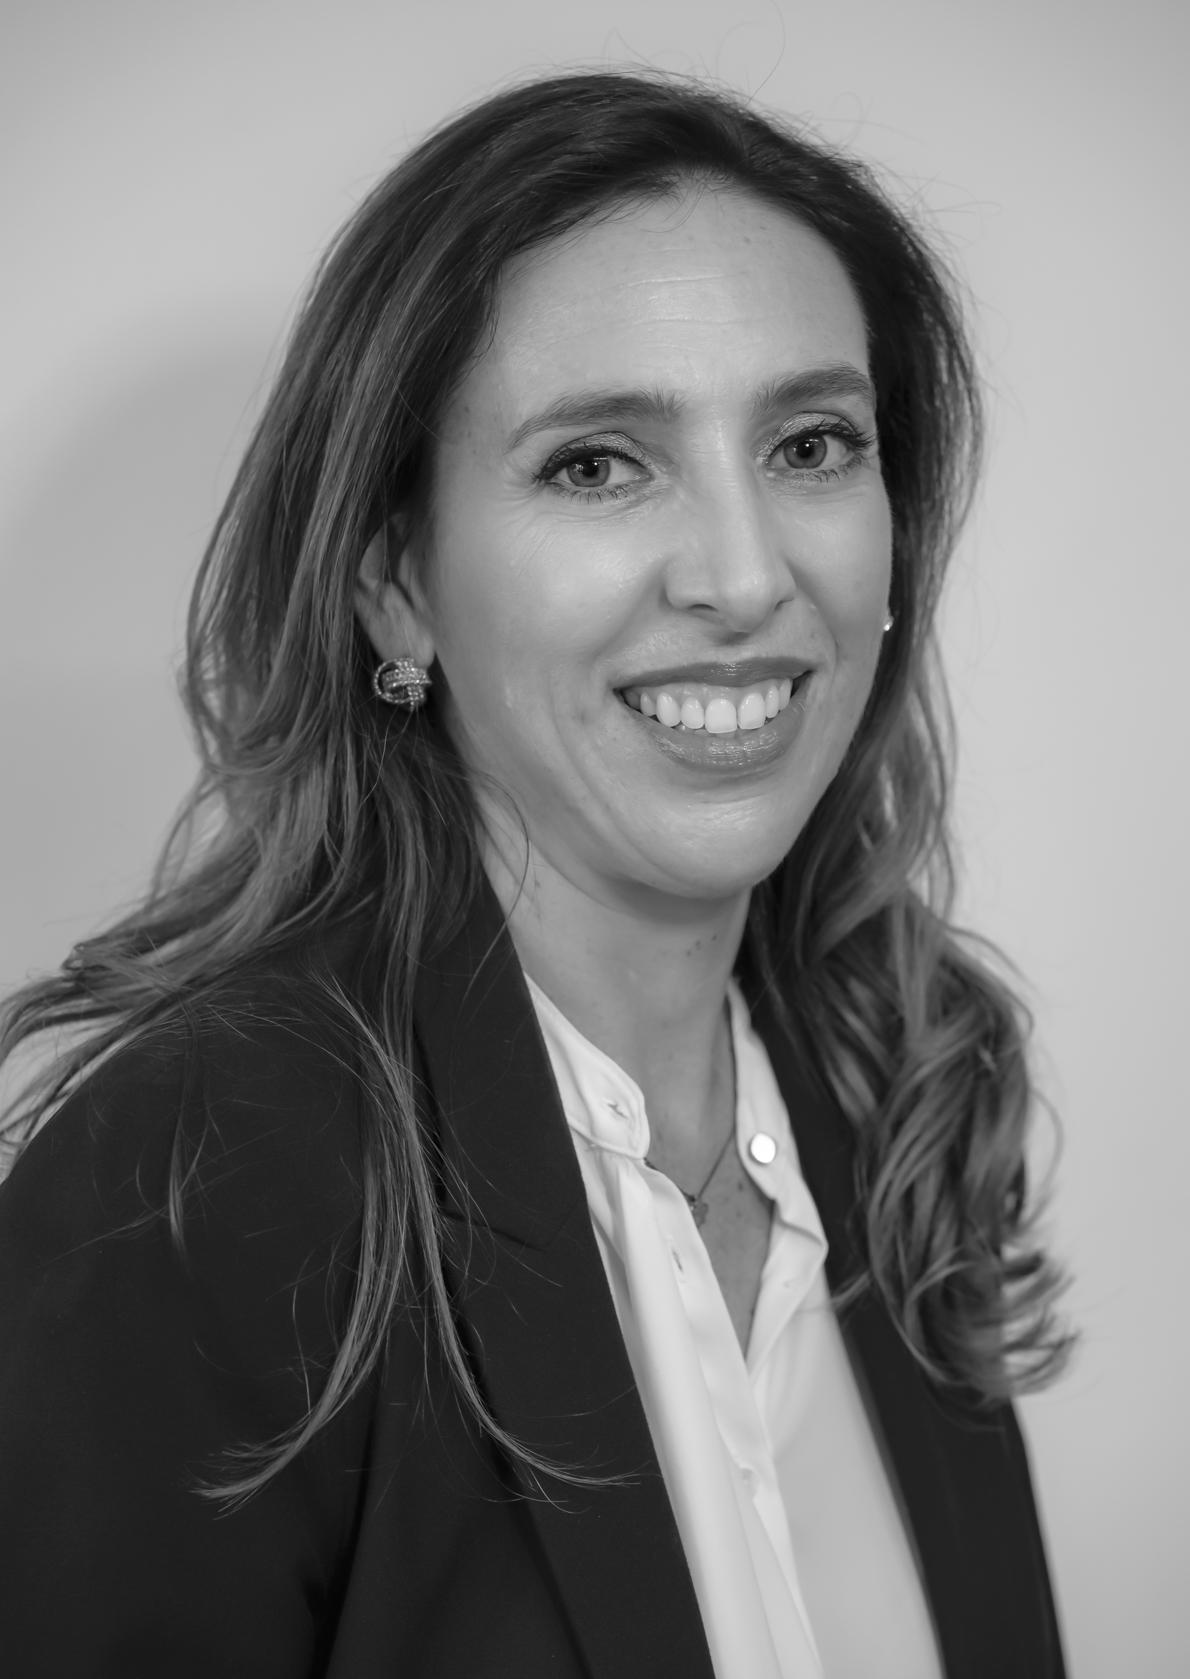 Beatriz Calderón